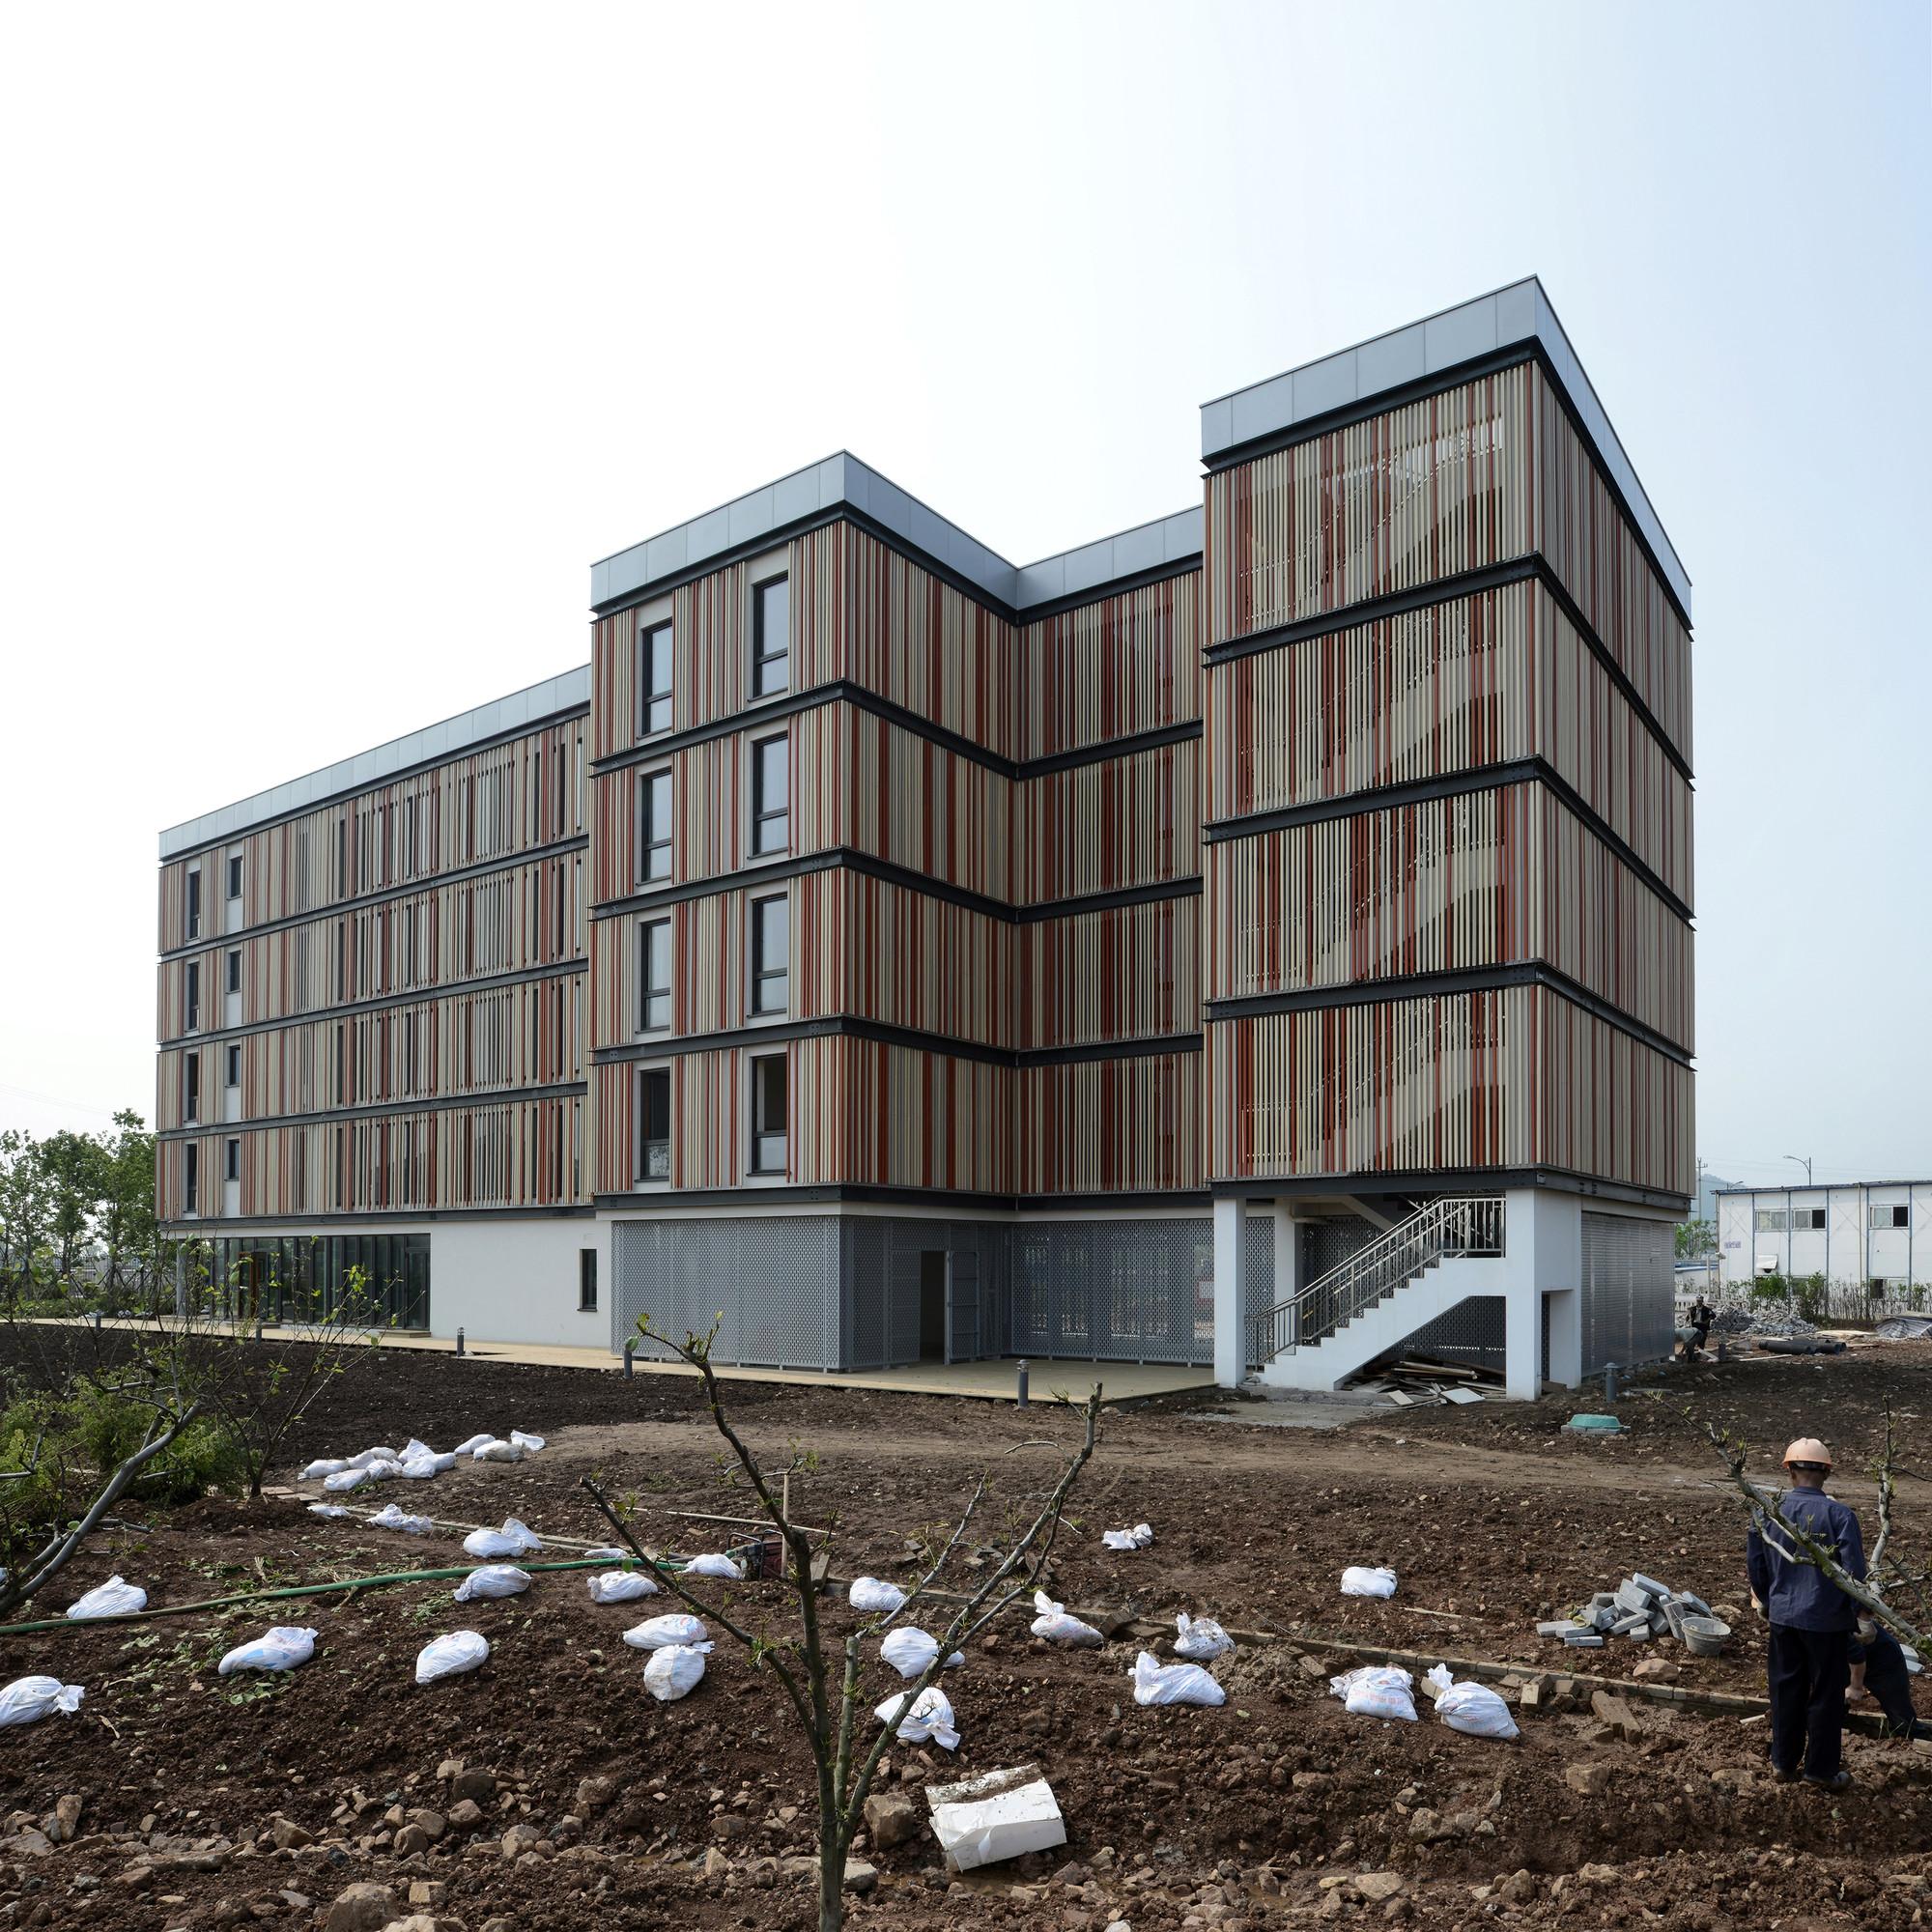 Galer a de vivienda pasiva bruck peter ruge architekten 8 - Peter ruge architekten ...